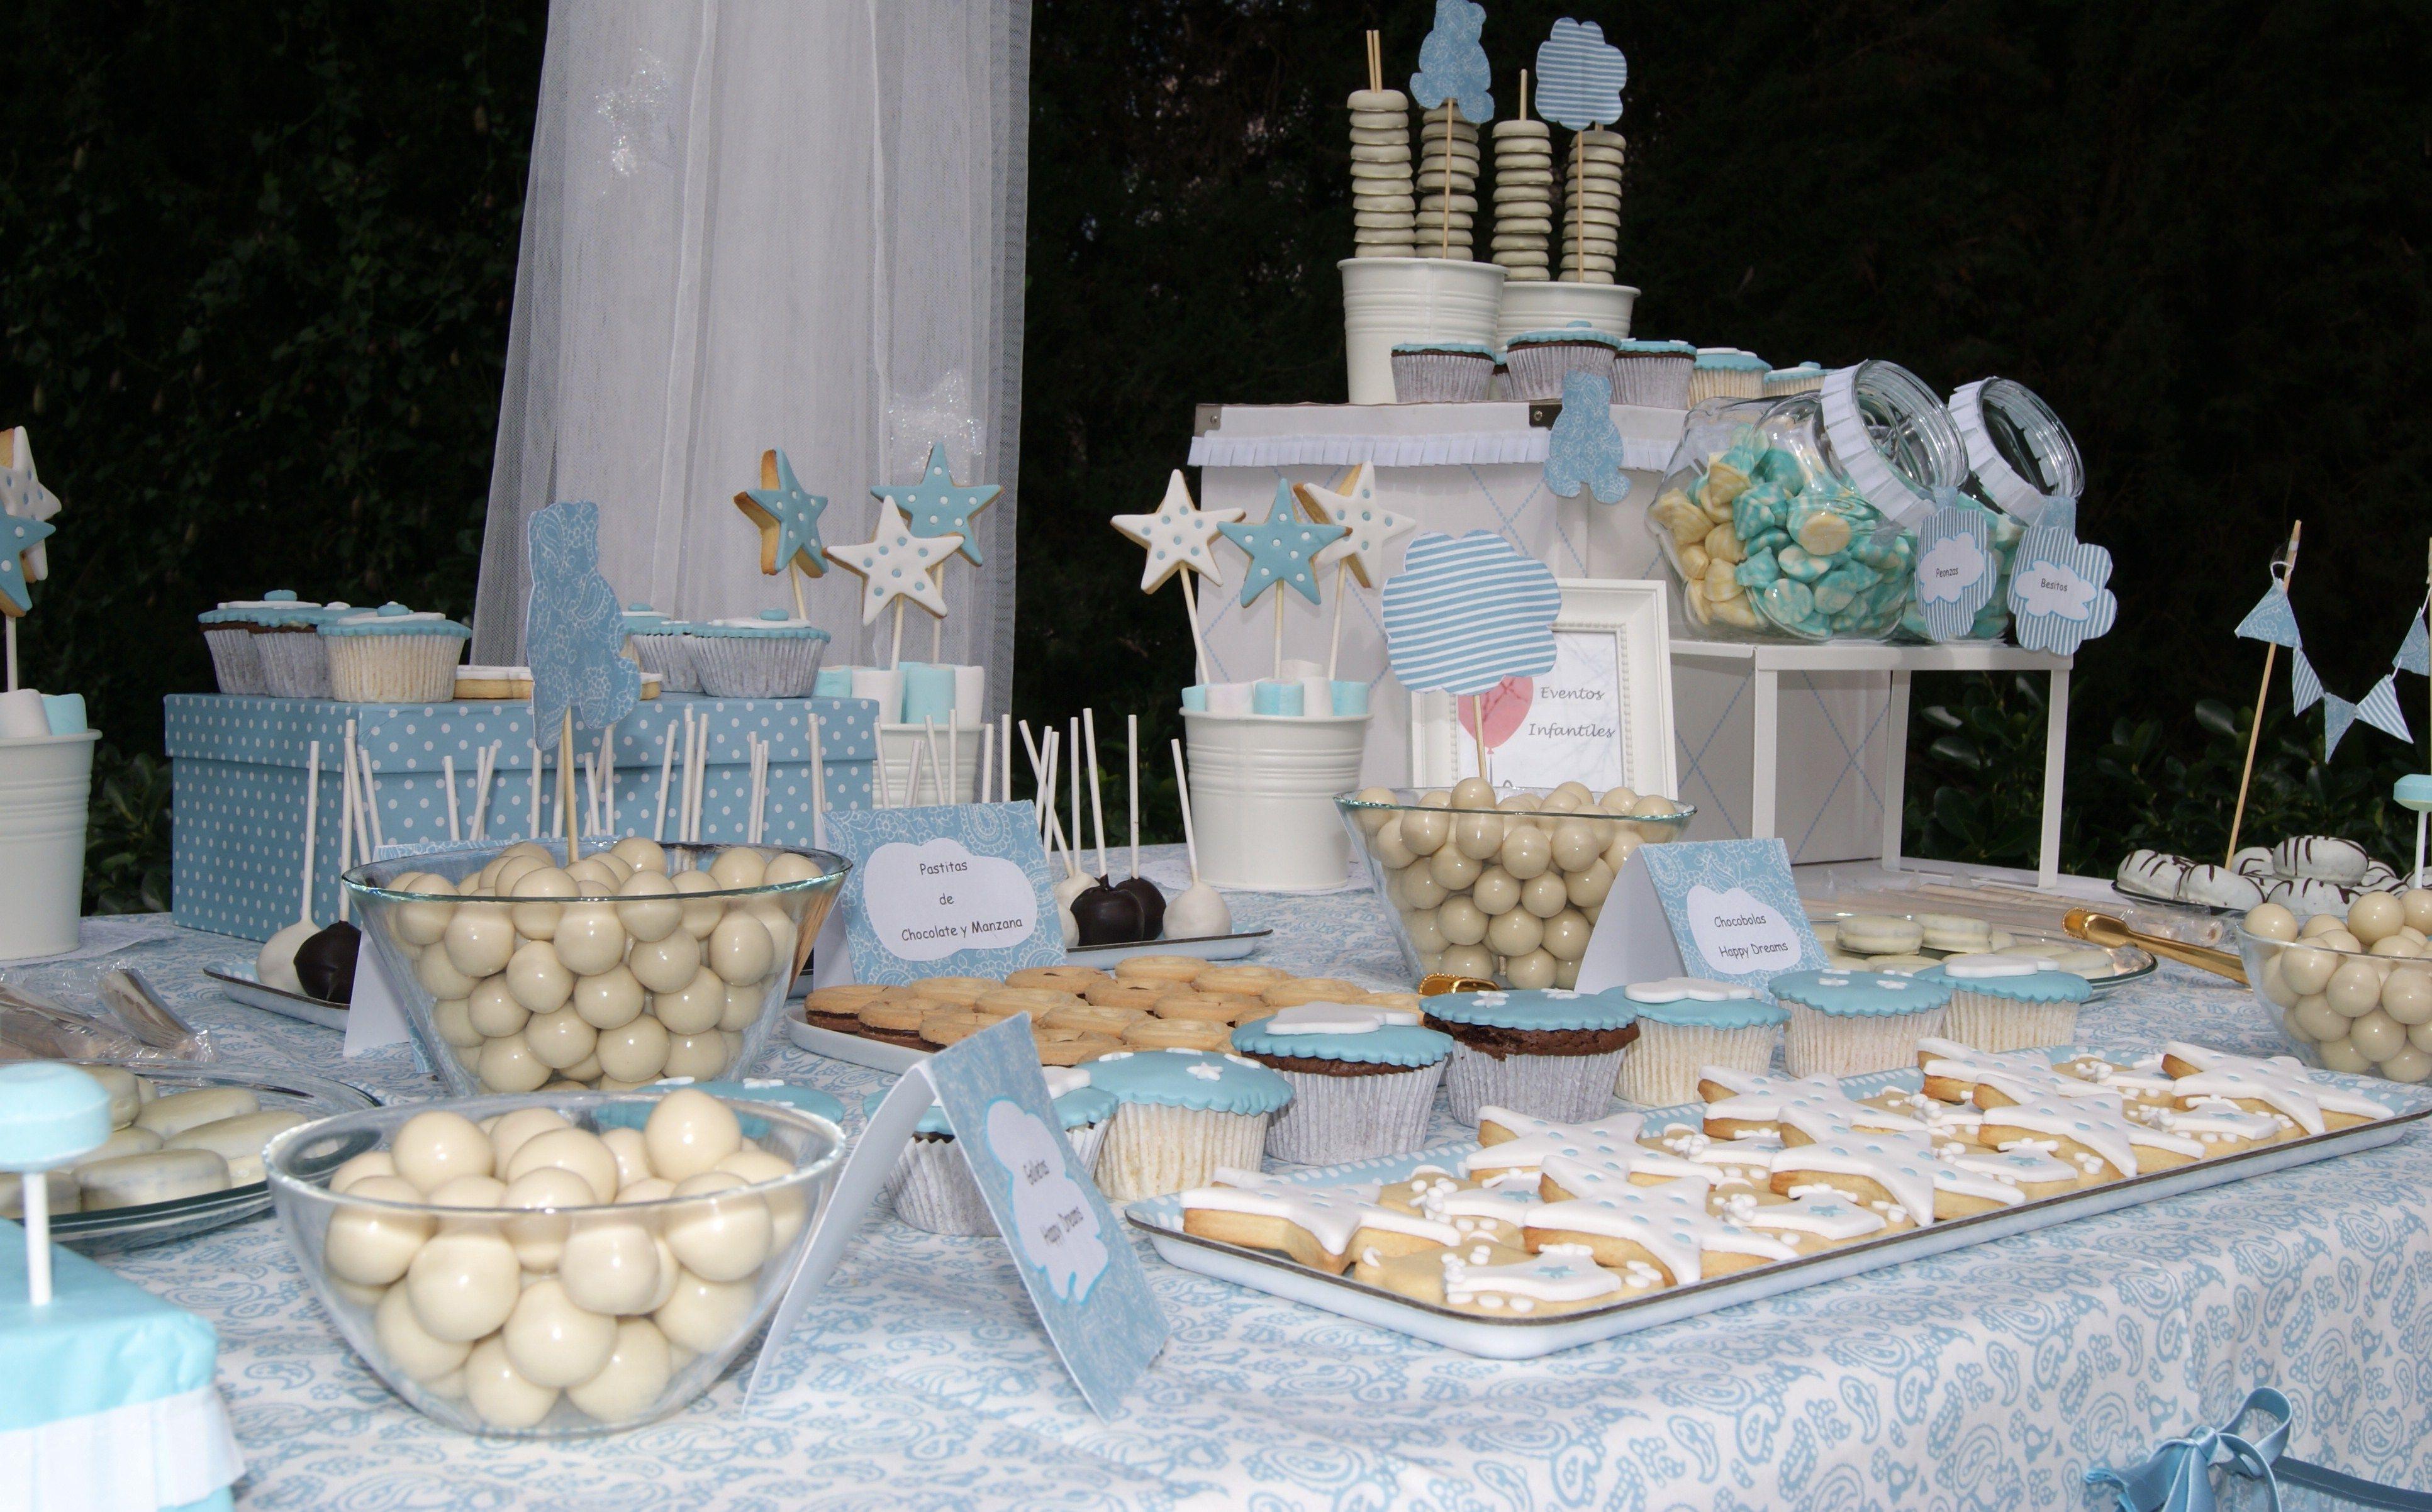 Bautizo mesa dulce tem tica happy dreams bautizo mesa - Decoracion de mesa de bautizo ...